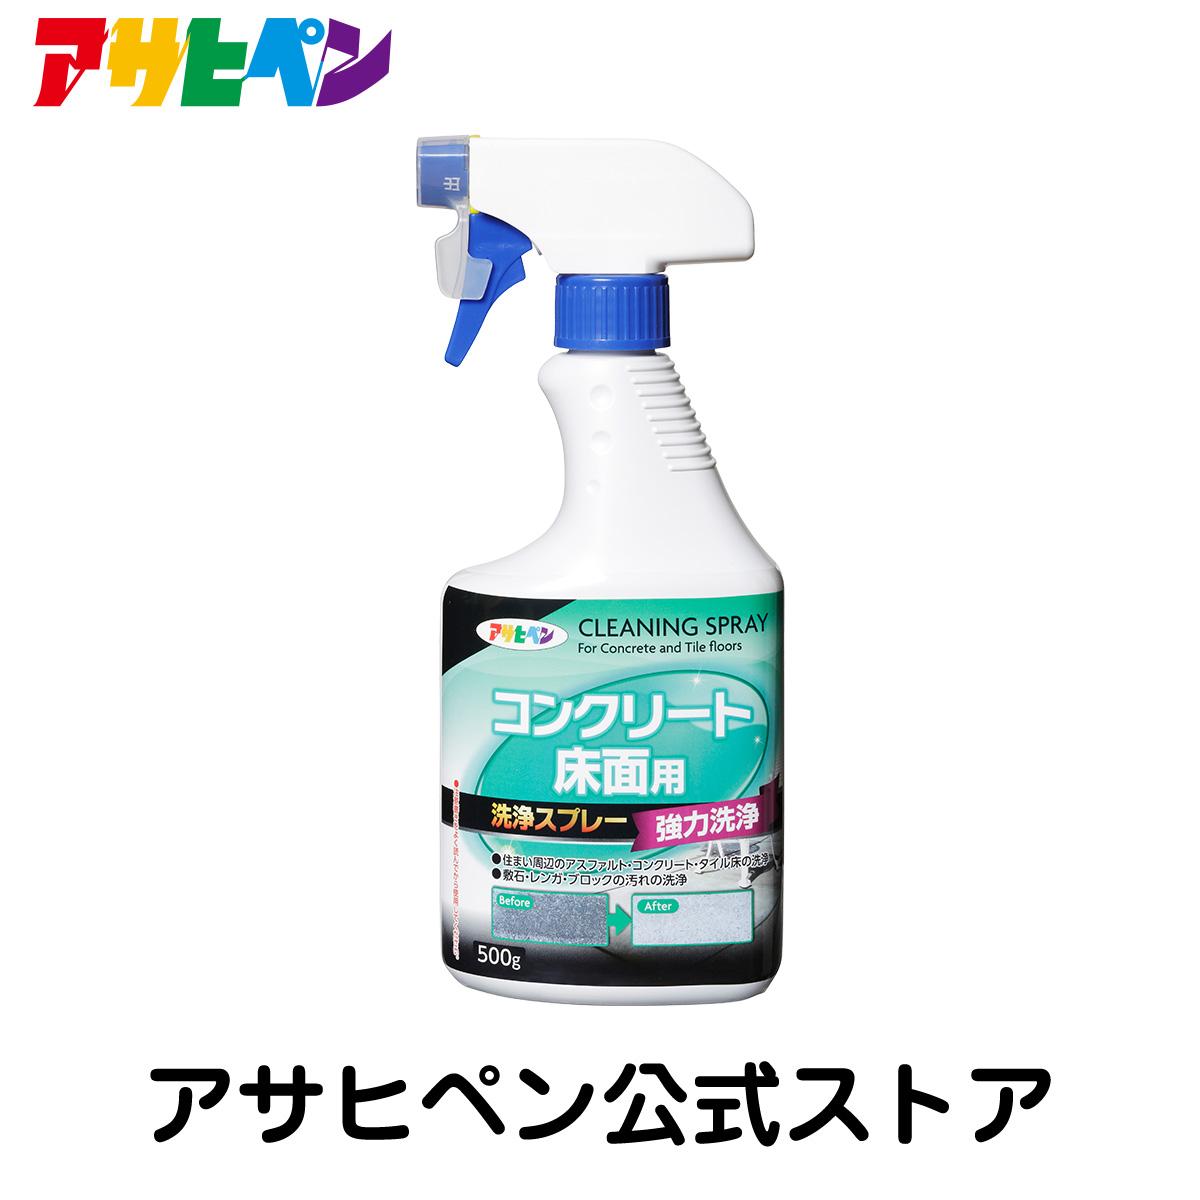 [ギフト/プレゼント/ご褒美] SEAL限定商品 コンクリート床面用洗浄スプレー 500g アサヒペン公式